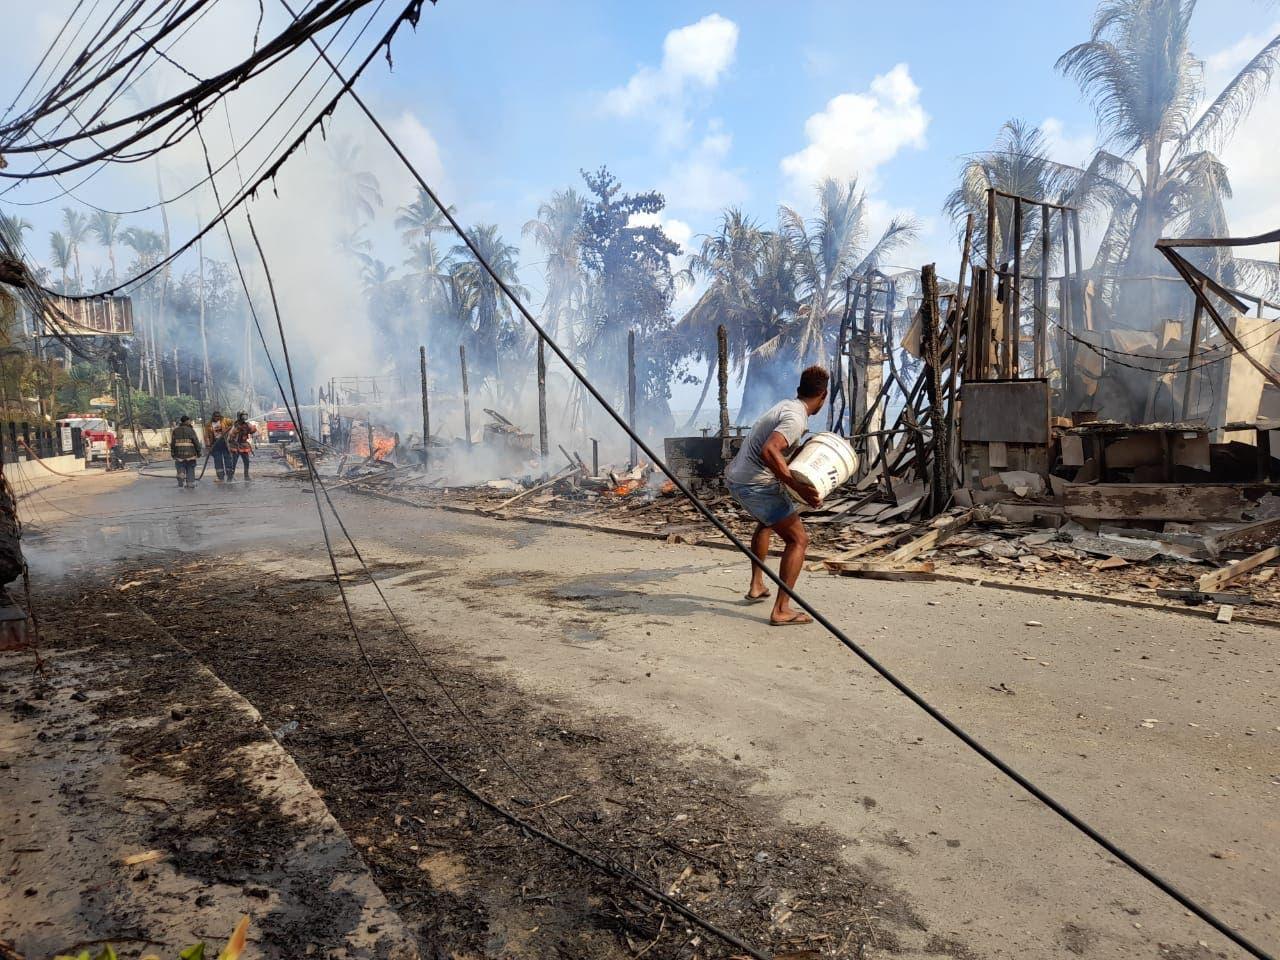 Preocupación embarga a propietarios de negocios destruidos por incendio en Las Terrenas